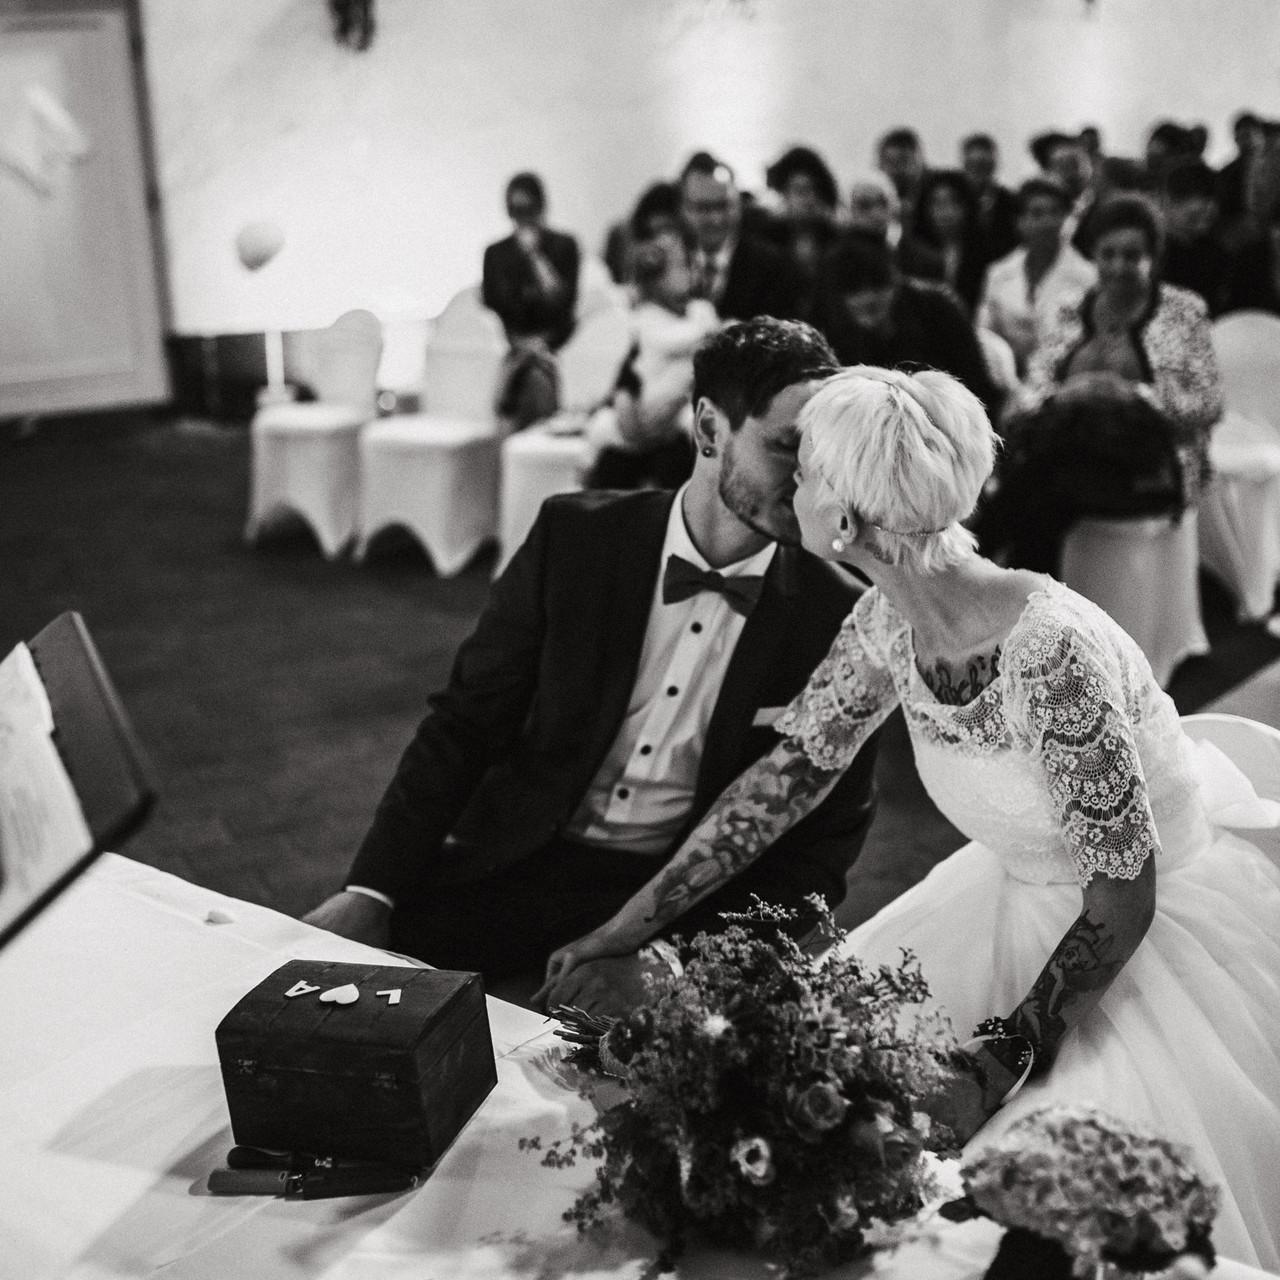 Spaß bei der Hochzeit. Trauung im Landgasthof Scherer im Sauerland. Die Eventscheune bietet den Paaren ein schönes Ambiente zum heiraten.